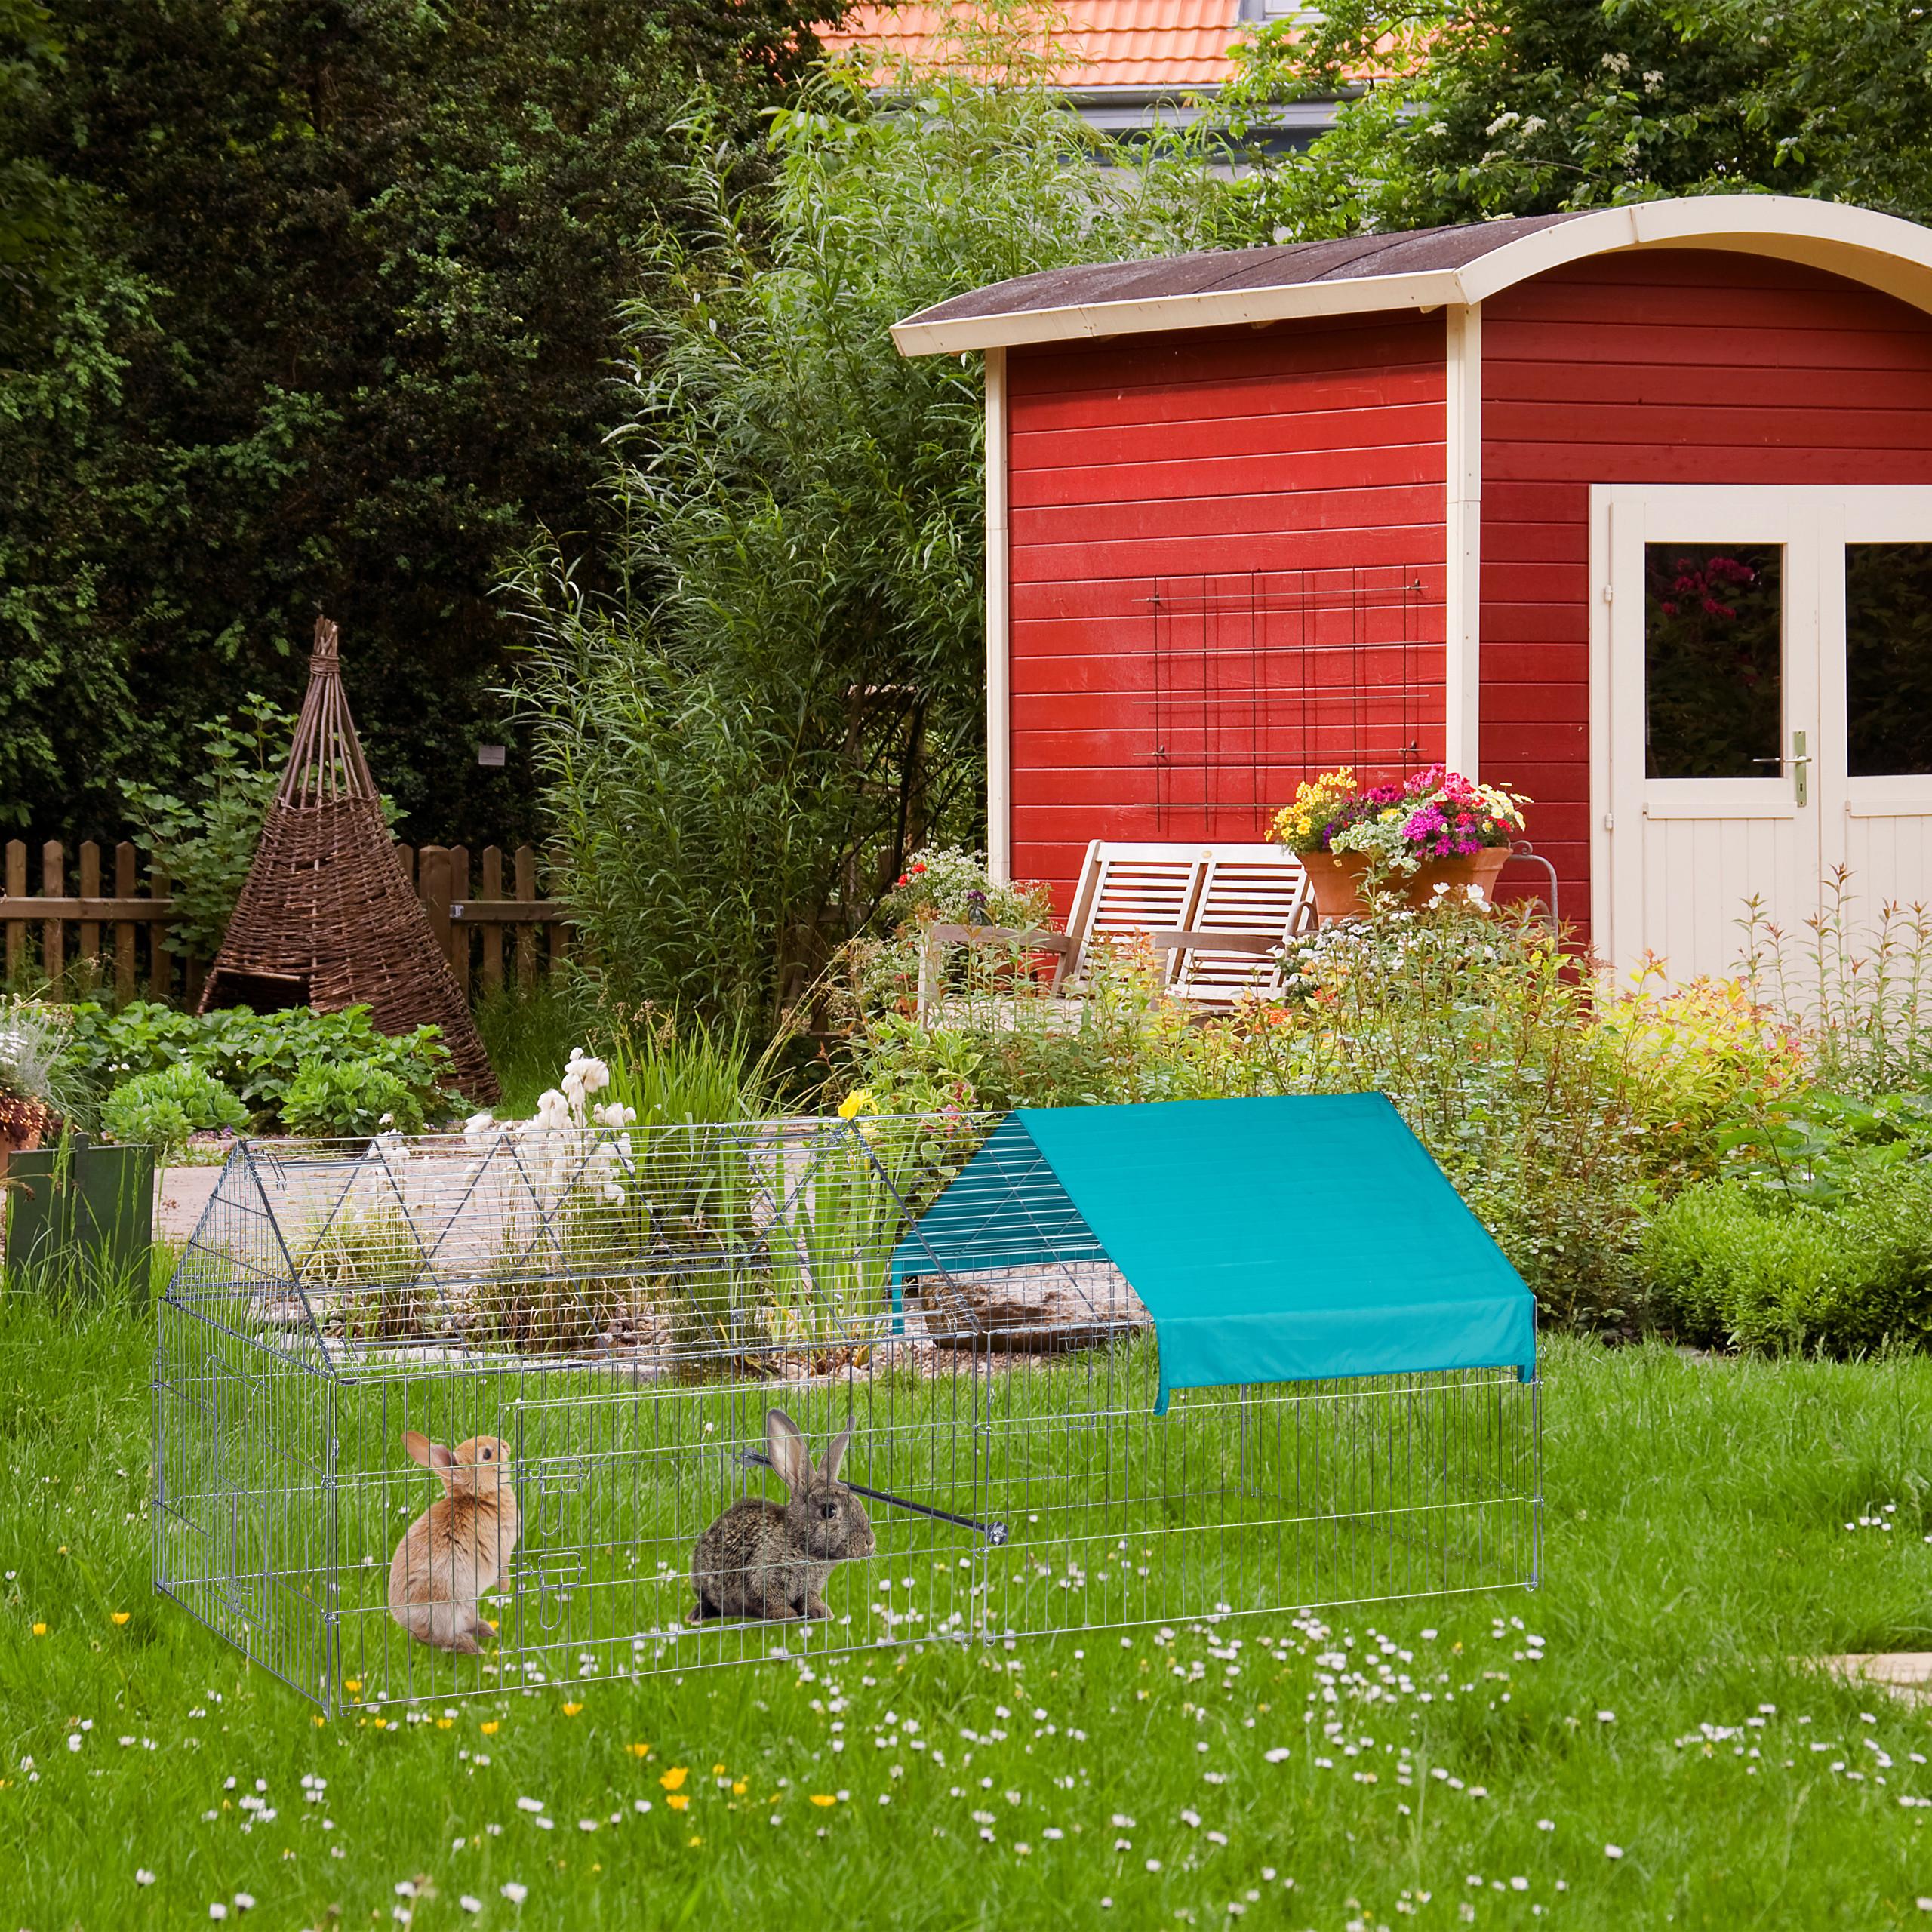 Freilaufgehege-Kaninchen-Huhner-Freigehege-Hasengehege-Huhnerauslauf-220cm-Stahl miniatuur 15